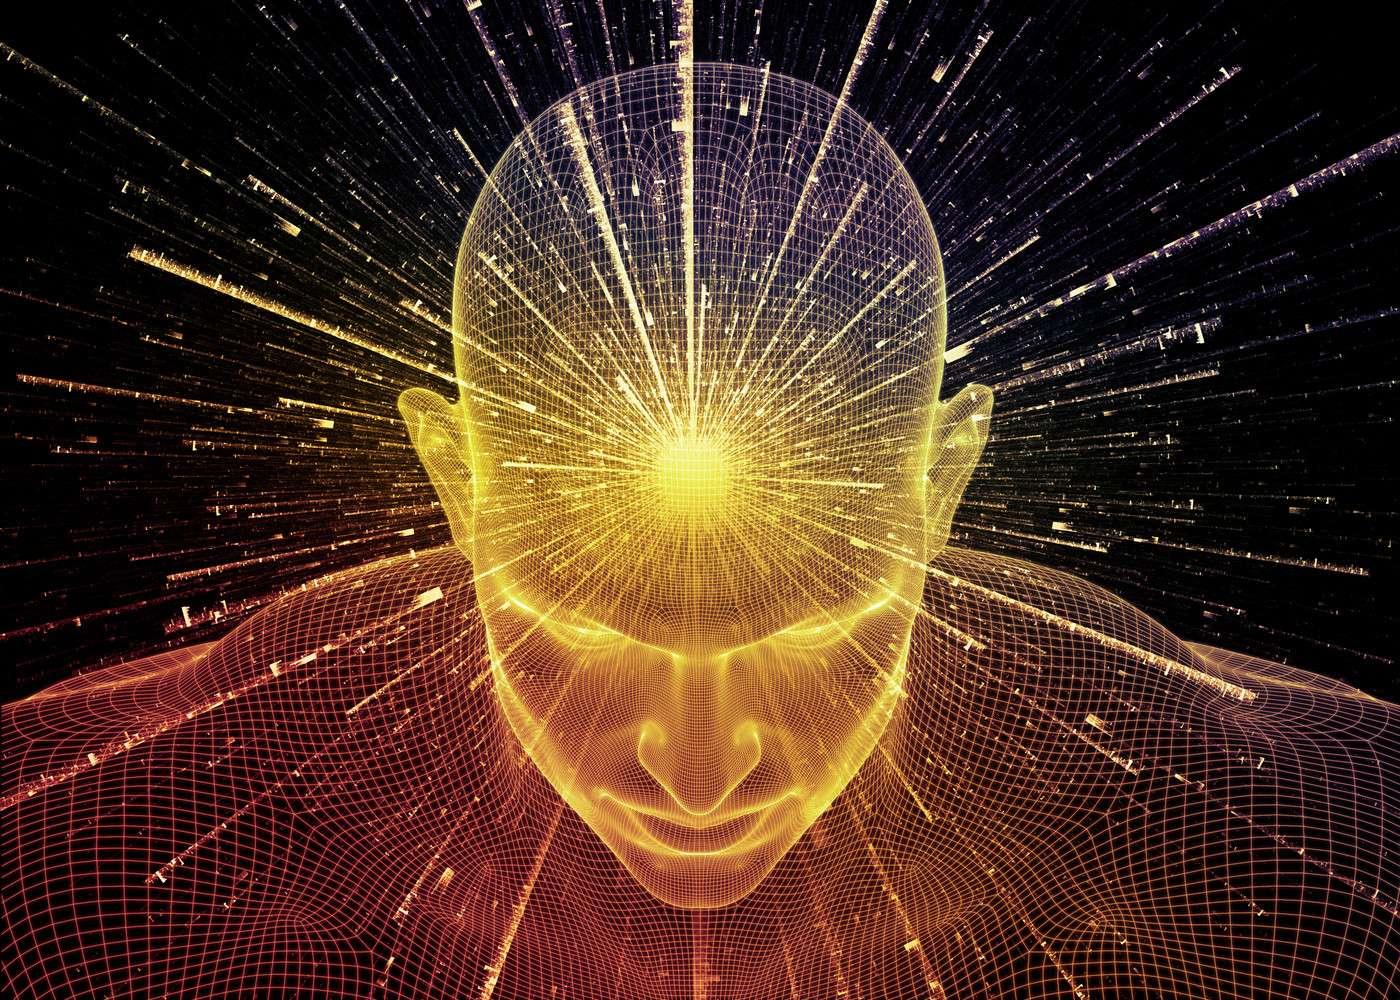 Comment pourrait-on stopper une intelligence artificielle qui refuserait d'obéir ? Google pense qu'il faudrait ruser en lui faisant croire que l'idée vient d'elle-même. © Agsandrew, Shutterstock